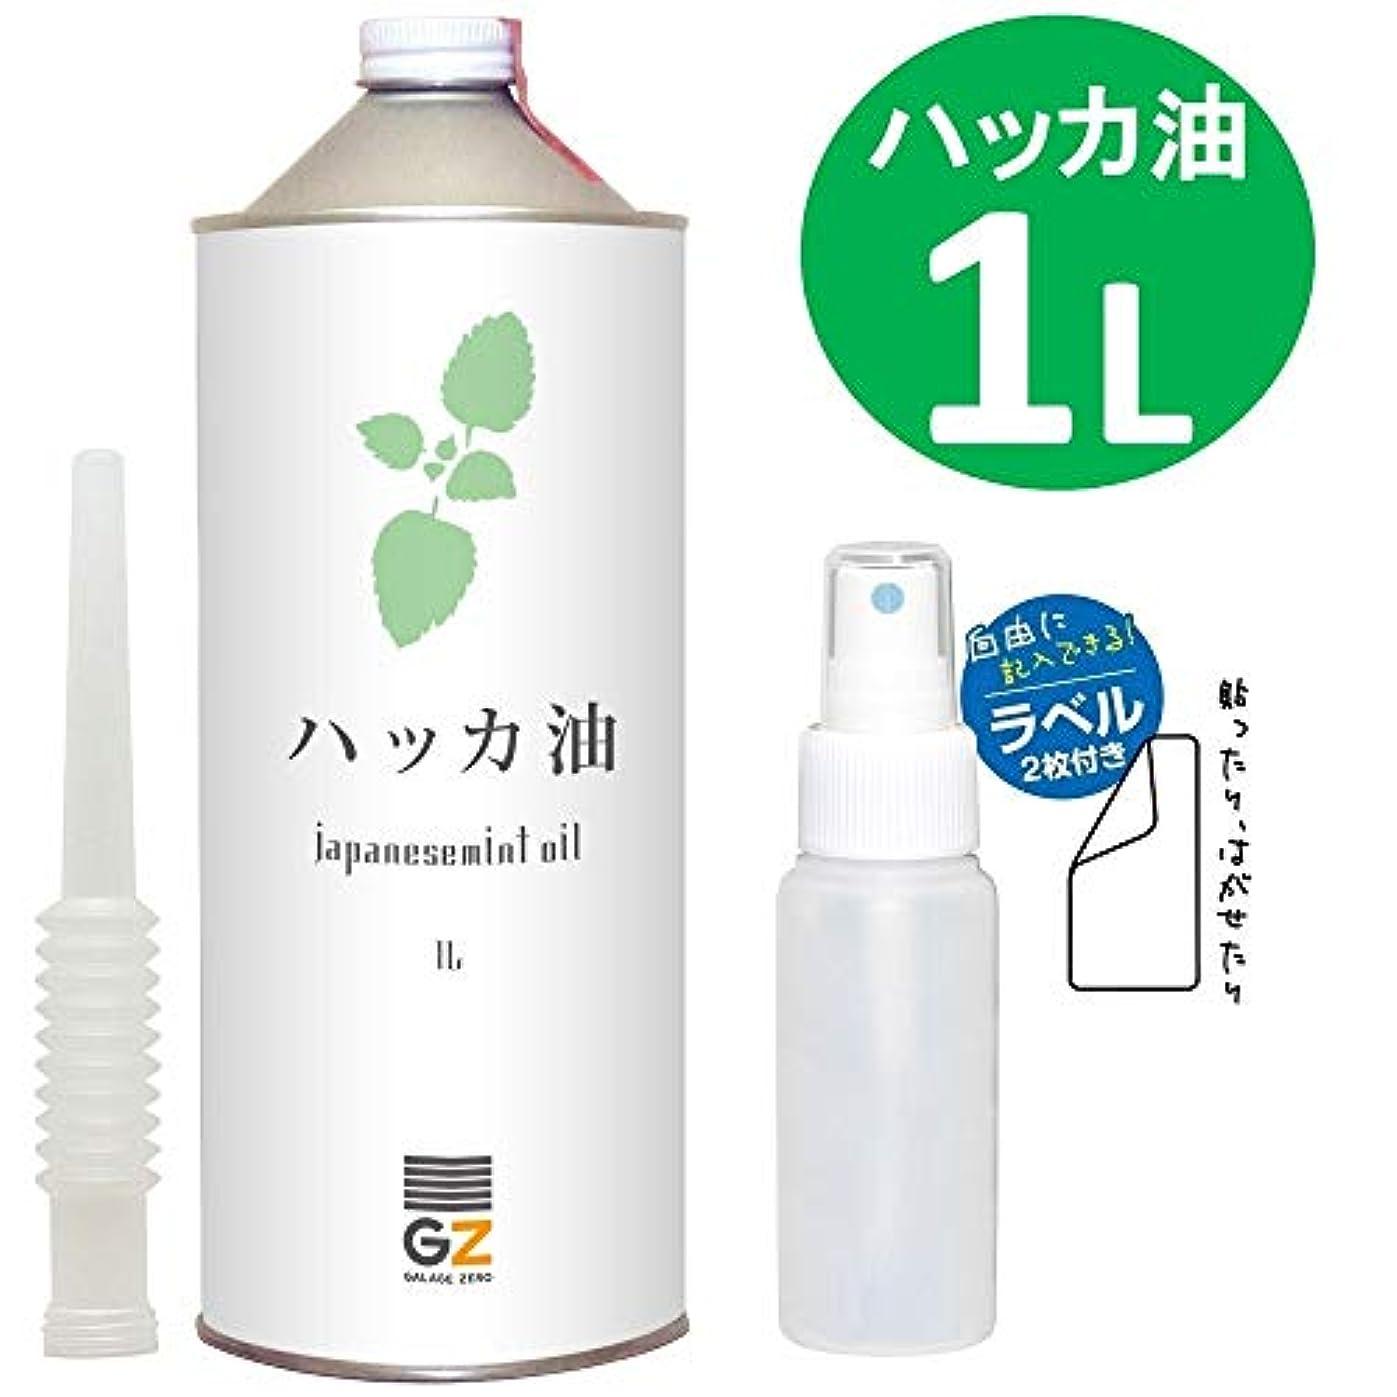 帝国反発光ガレージ?ゼロ ハッカ油 1L(GZAK14)+50mlPEスプレーボトル/和種薄荷/ジャパニーズミント GSE531